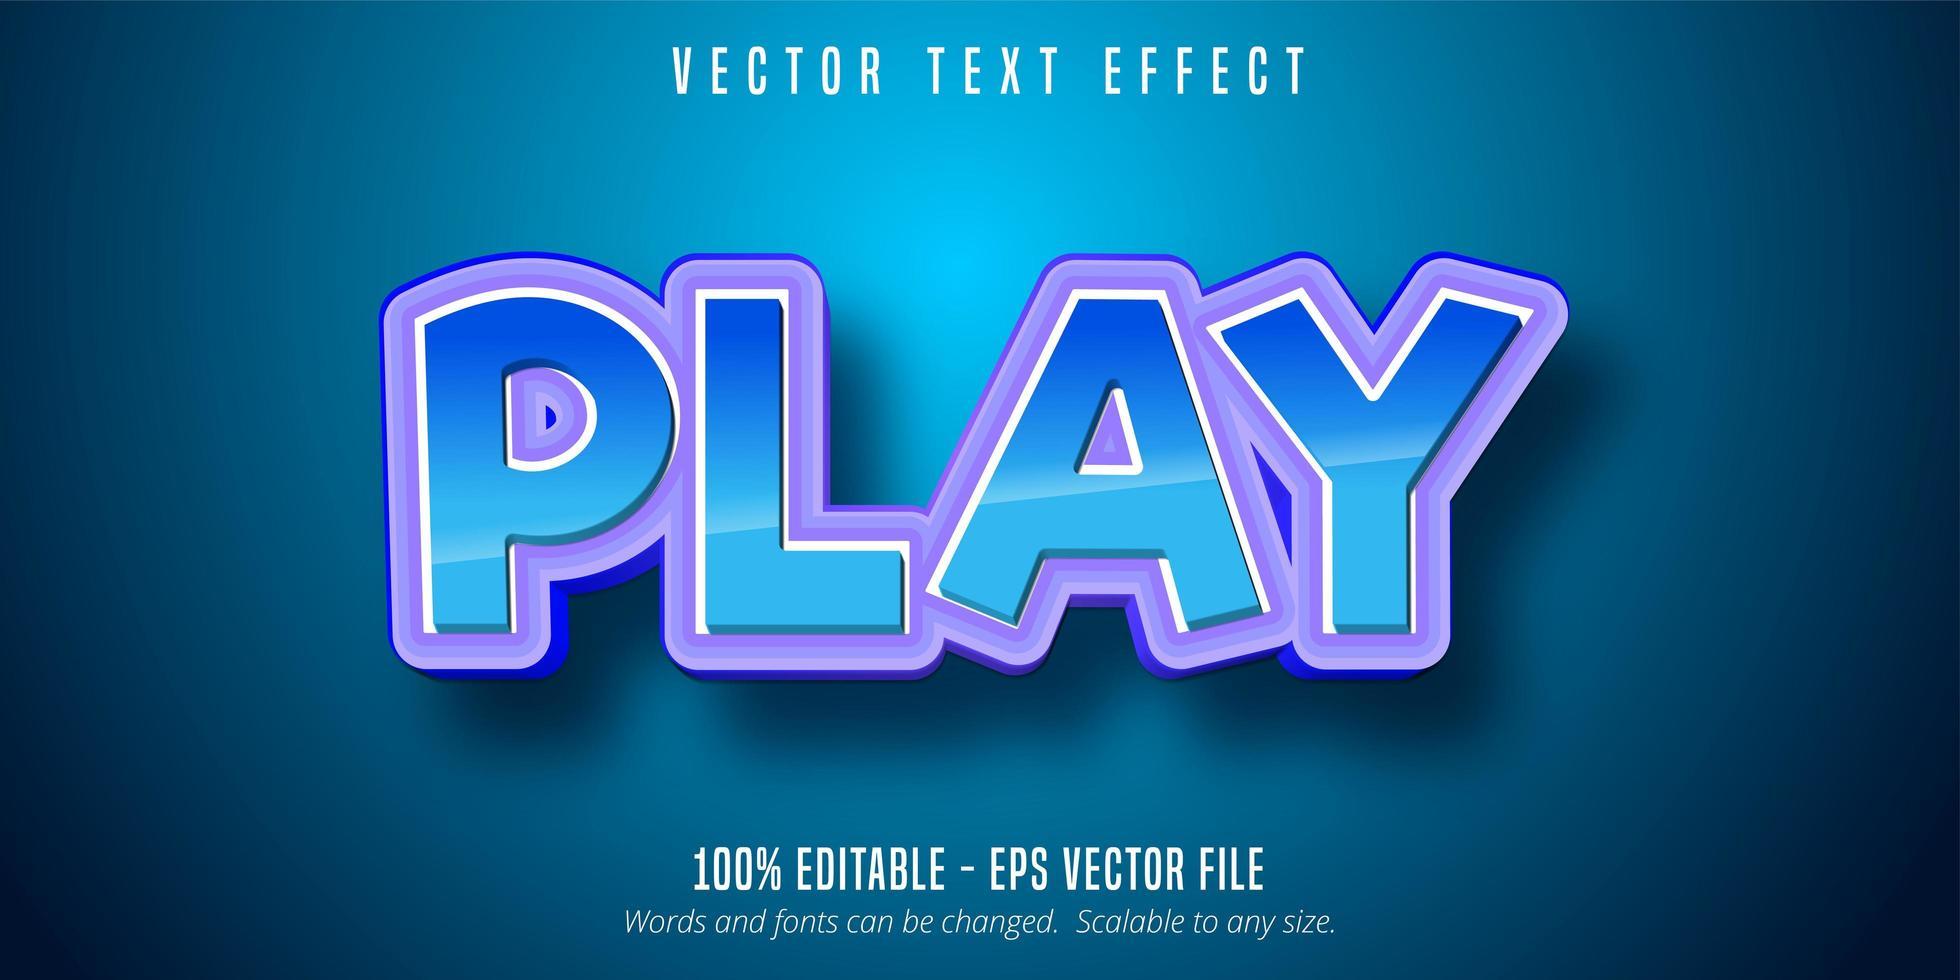 efecto de texto azul púrpura vector